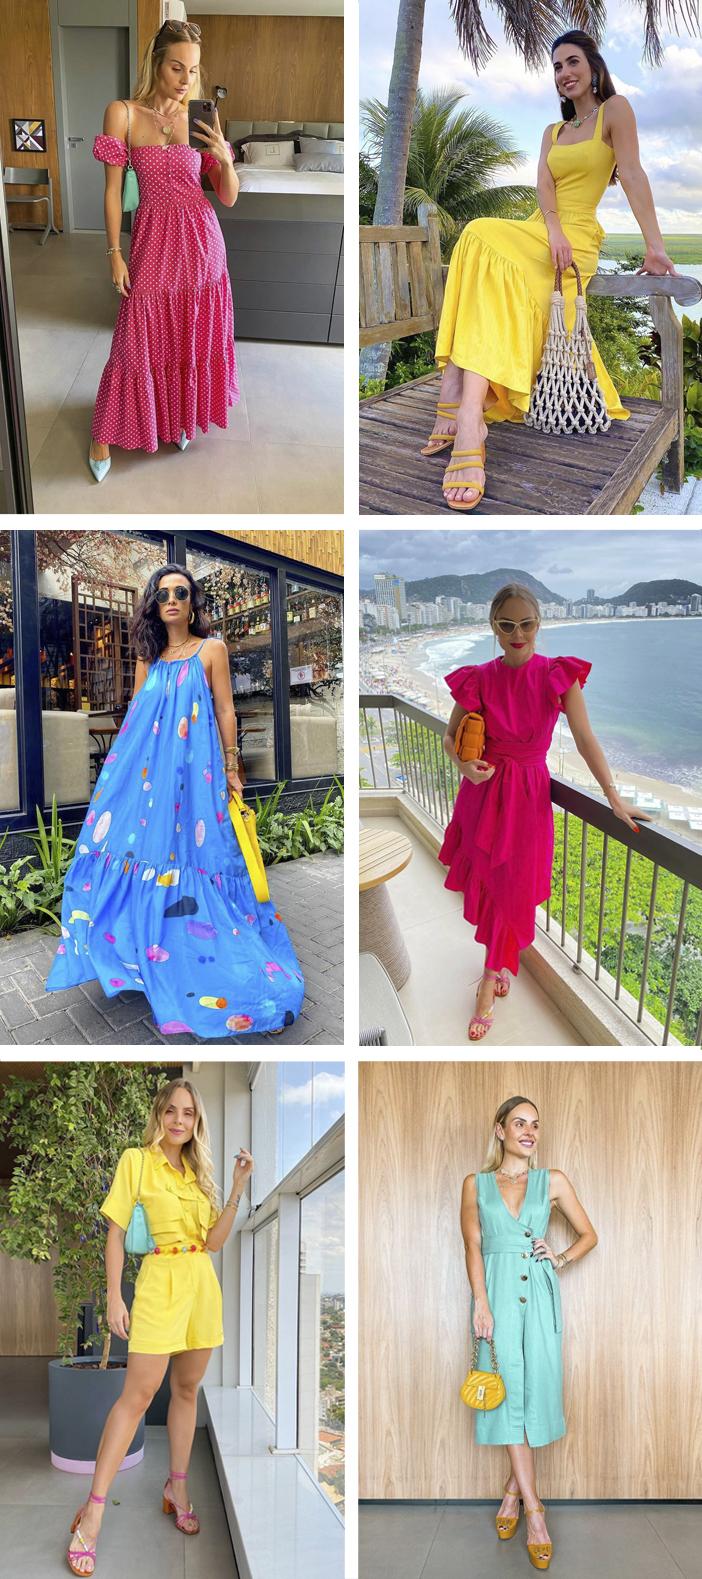 Inspiração de Looks Coloridos para Usar no Verão